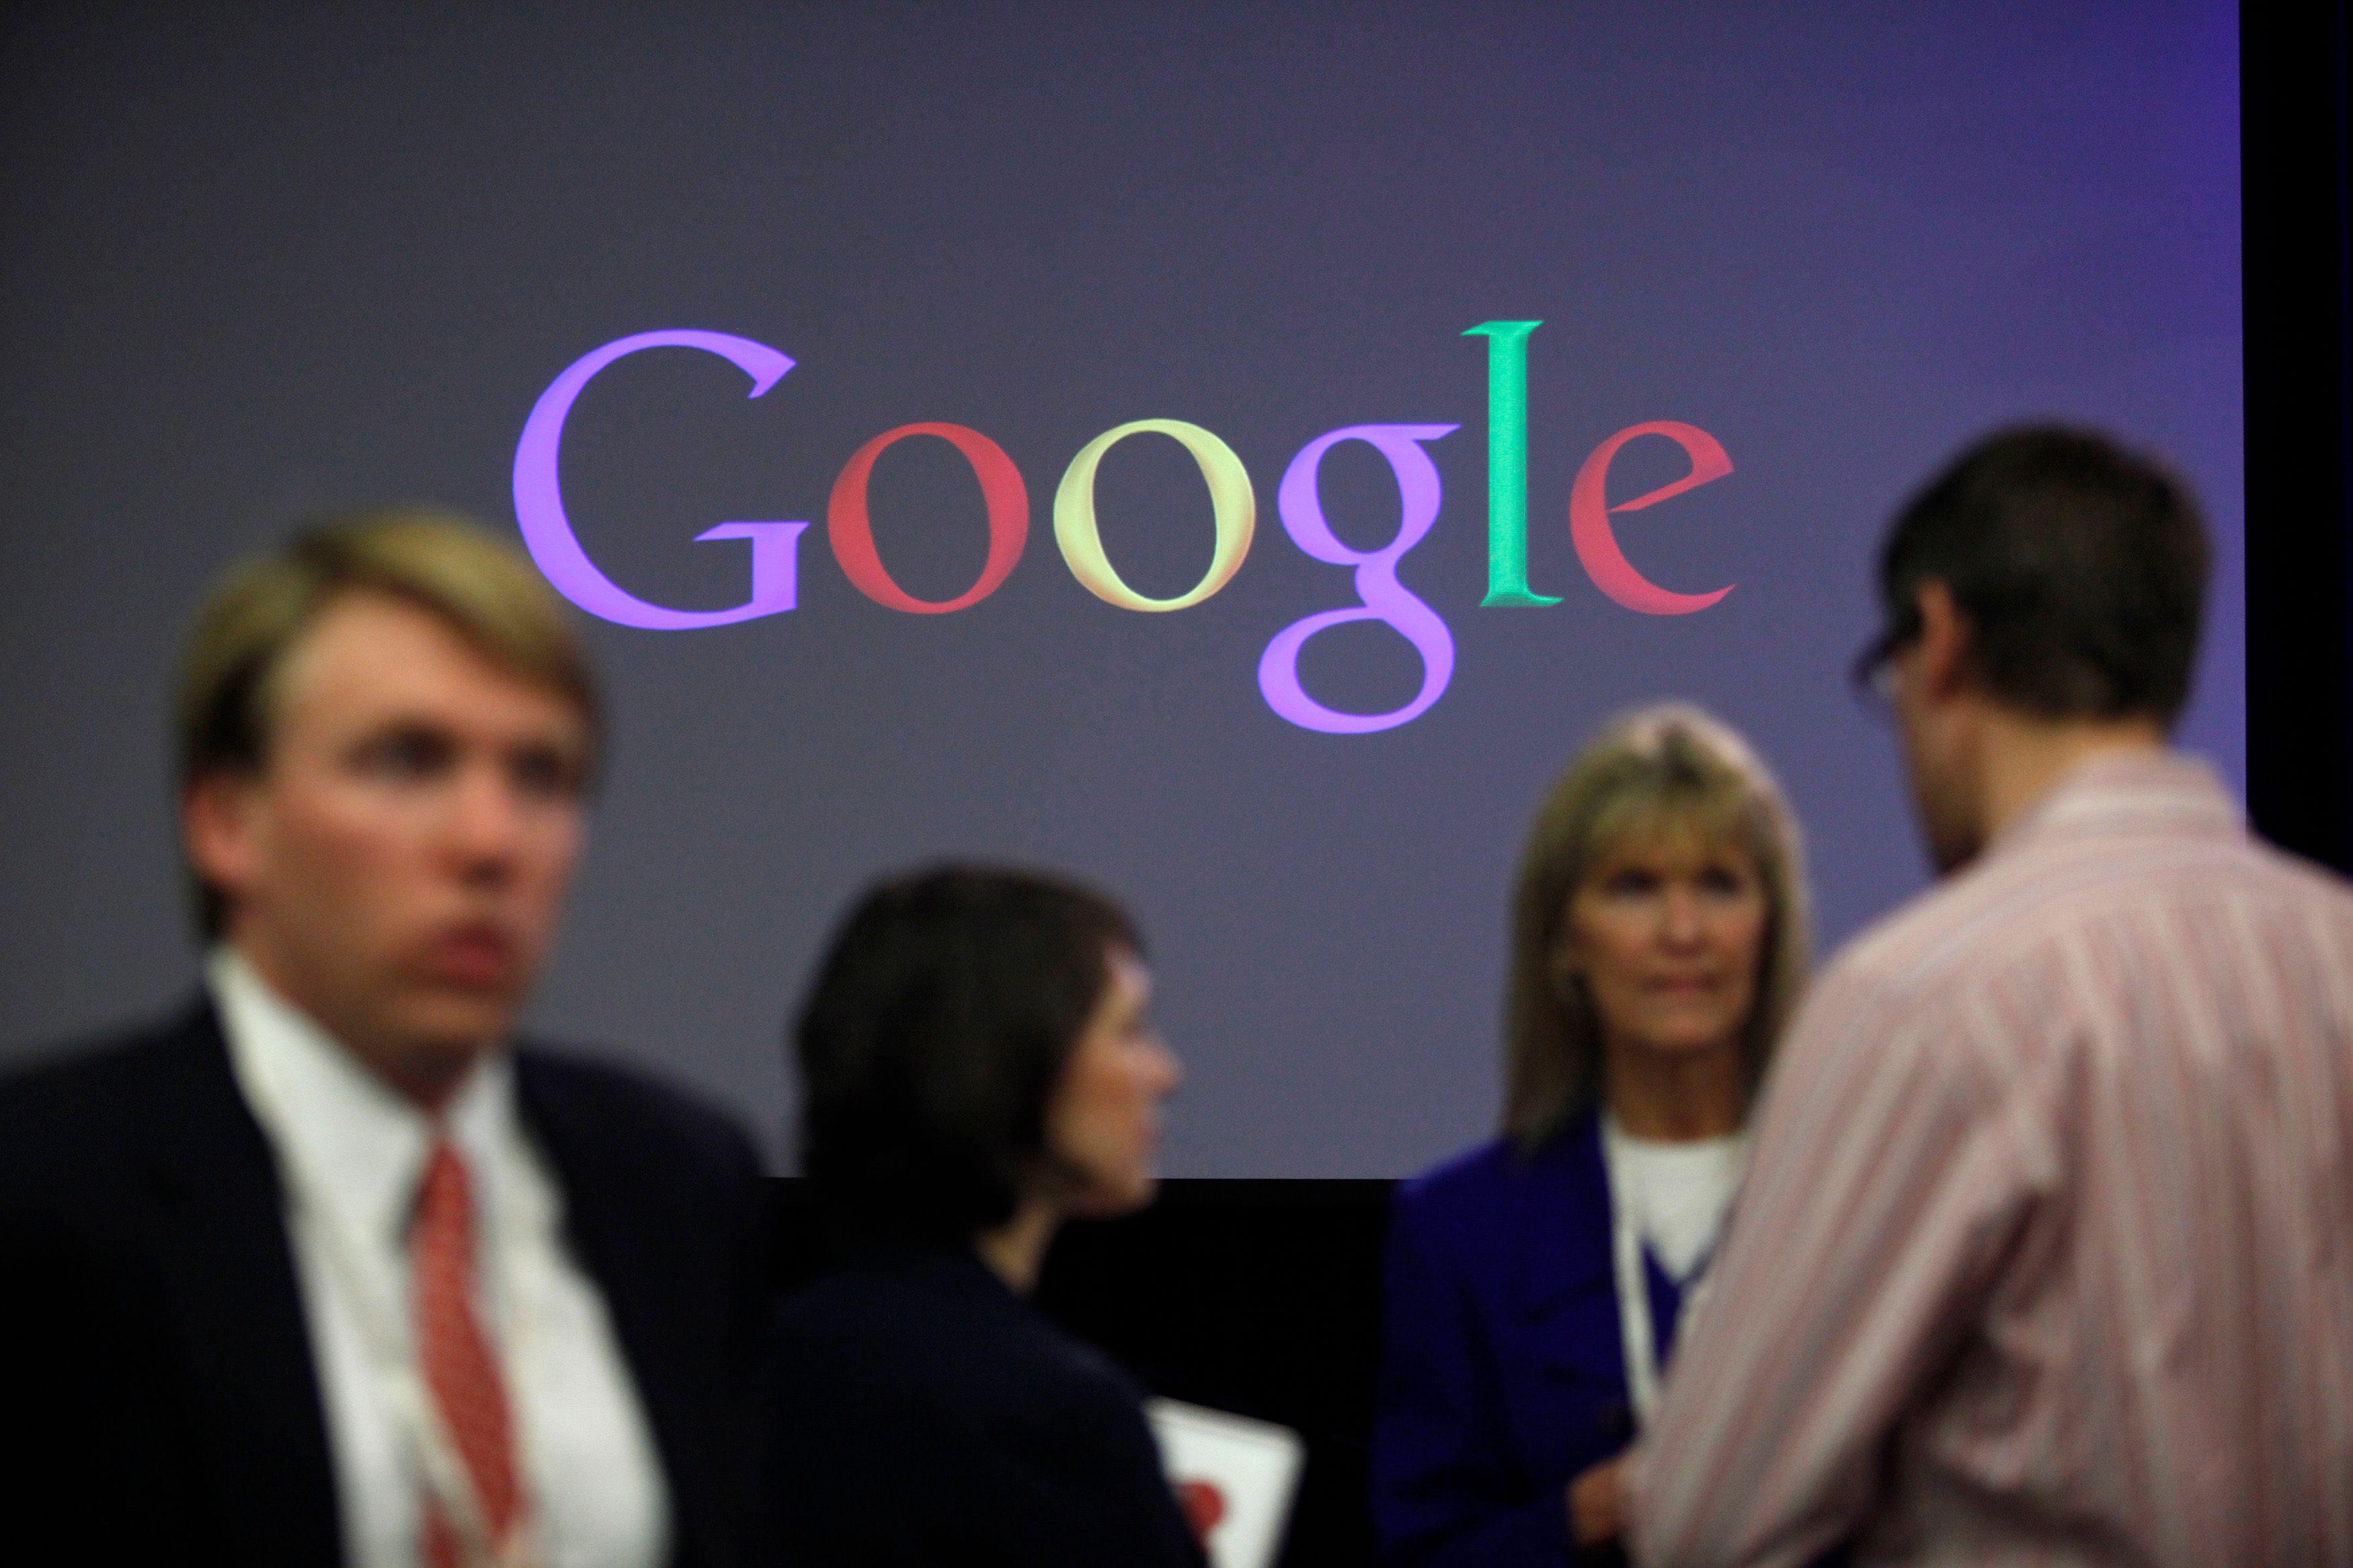 Sous couvert d'actions à l'encontre de Samsung, Apple cherche-t-il à atteindre Google et son système d'exploitation Androïd qui selon feu Steve Jobs était un produit « volé » ?